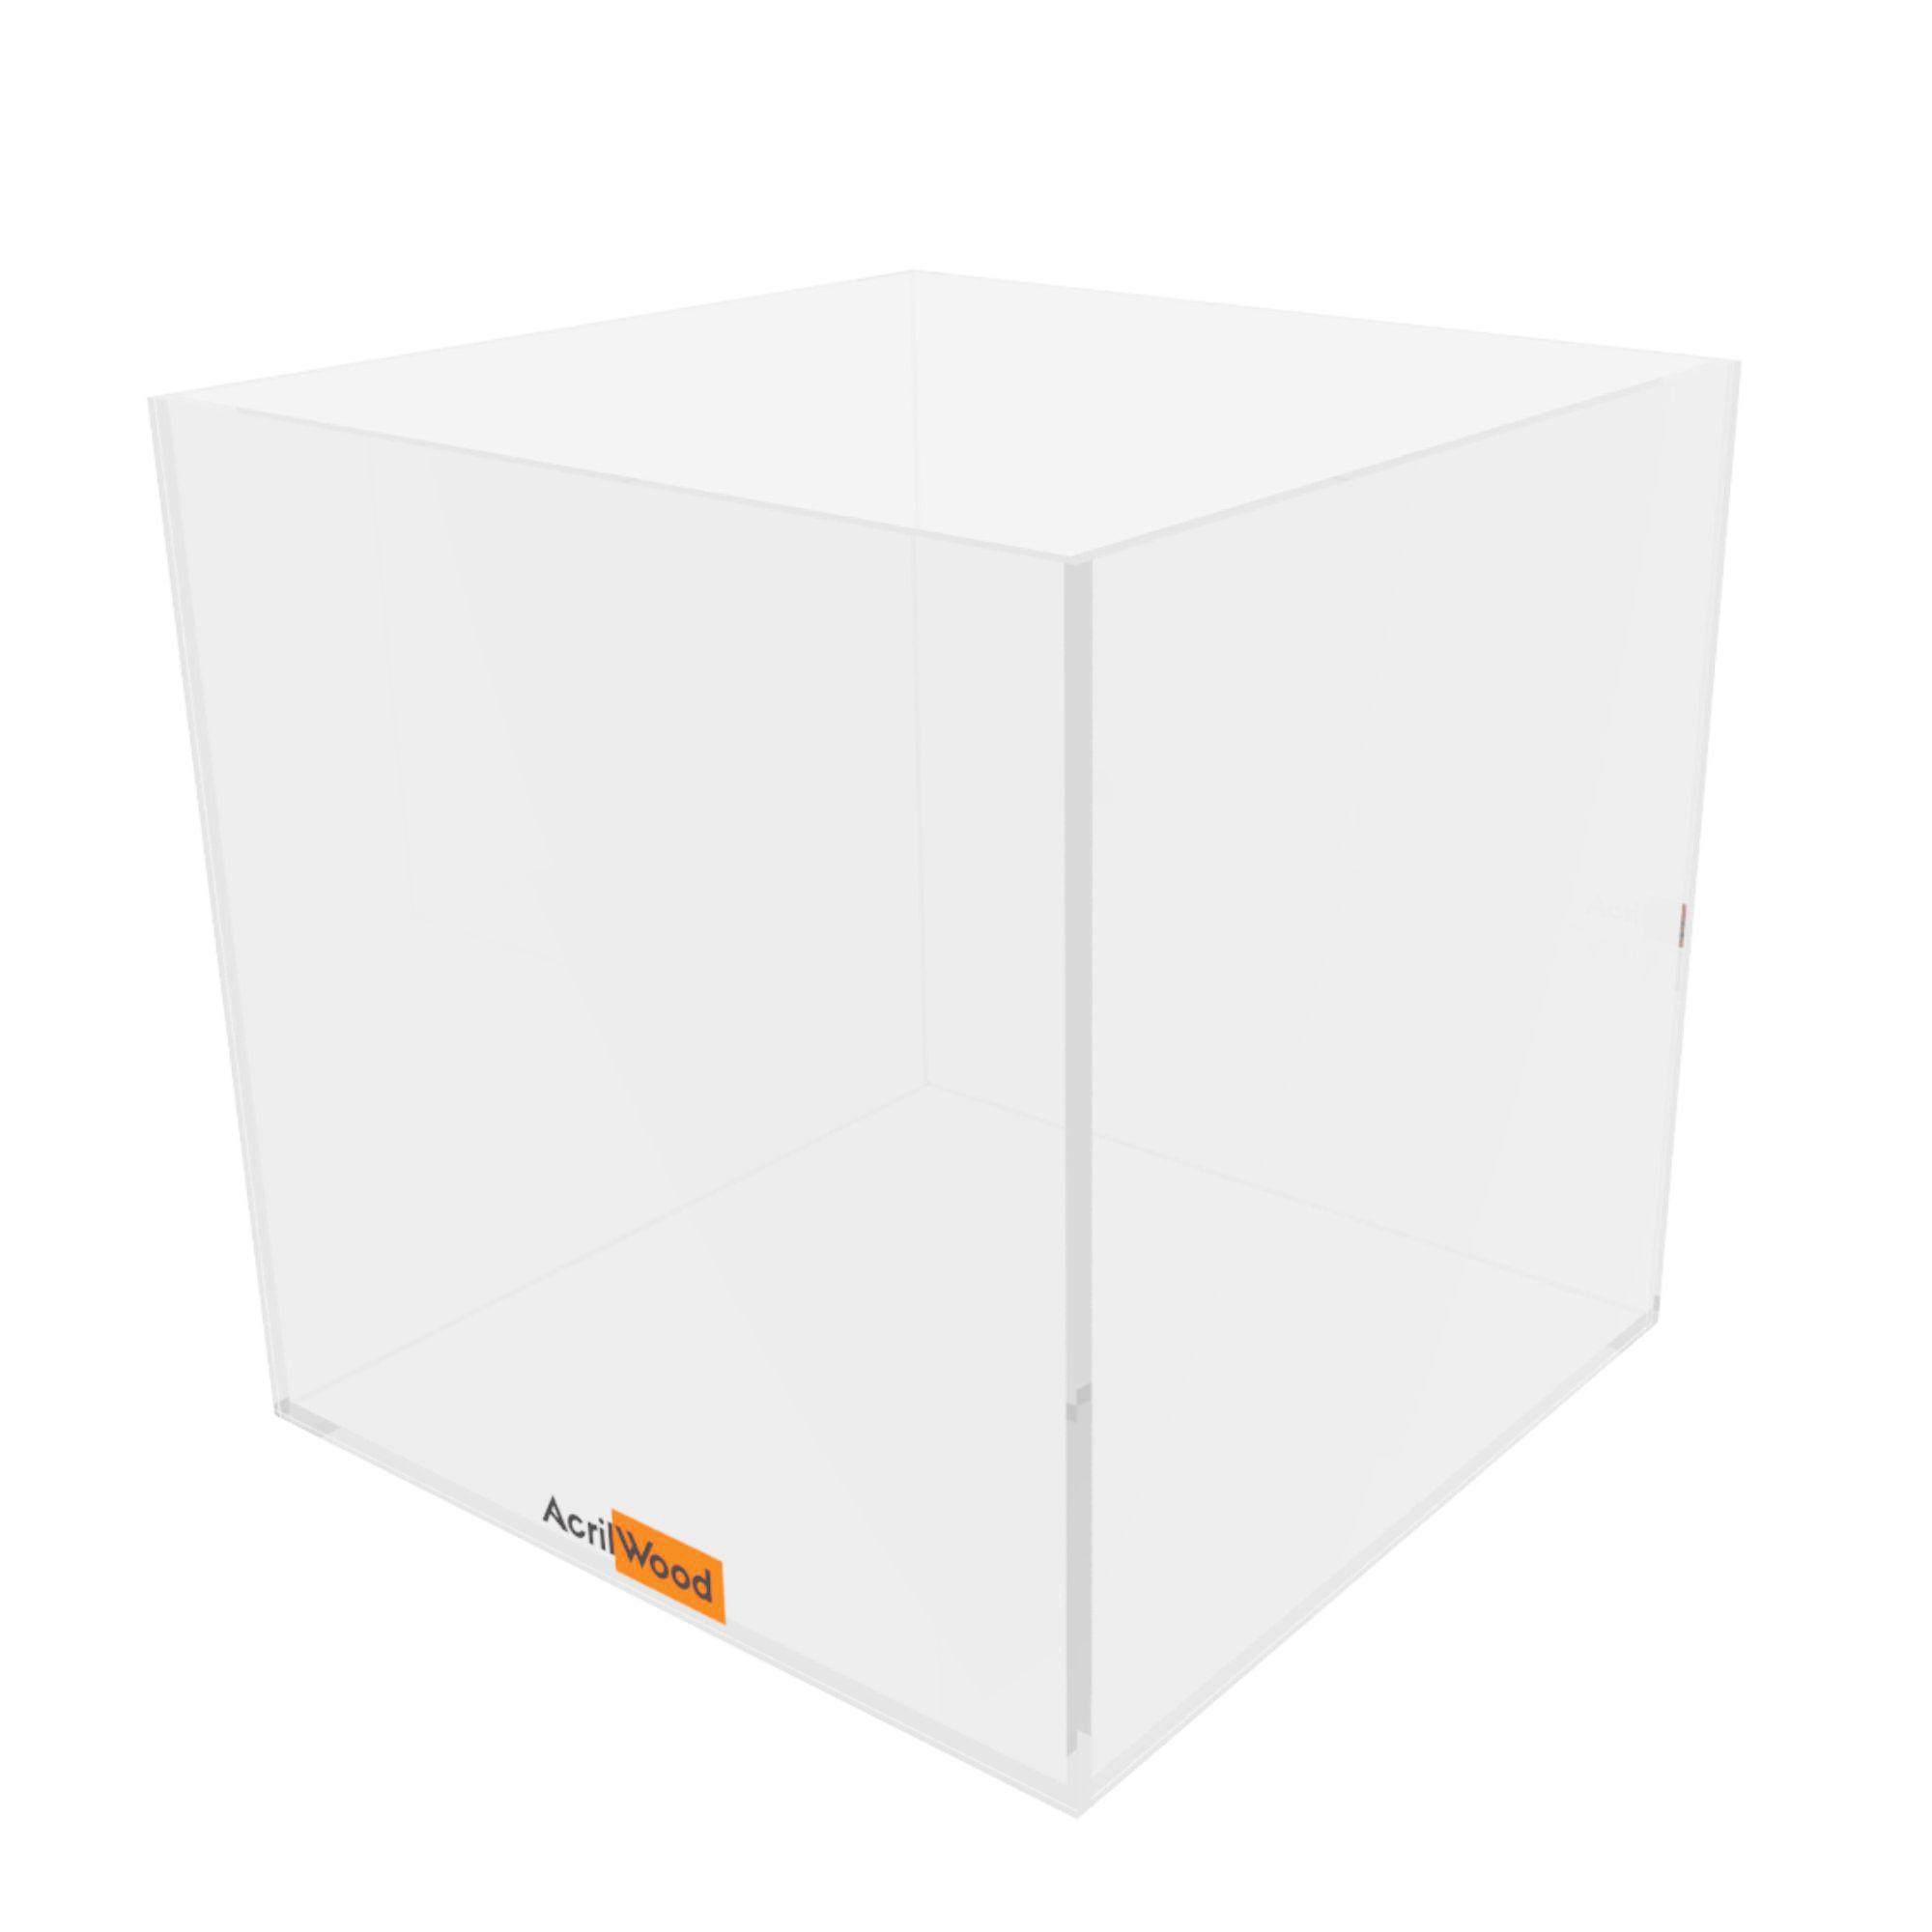 Caixa Quadrada Em Acrílico 16x16x16cm